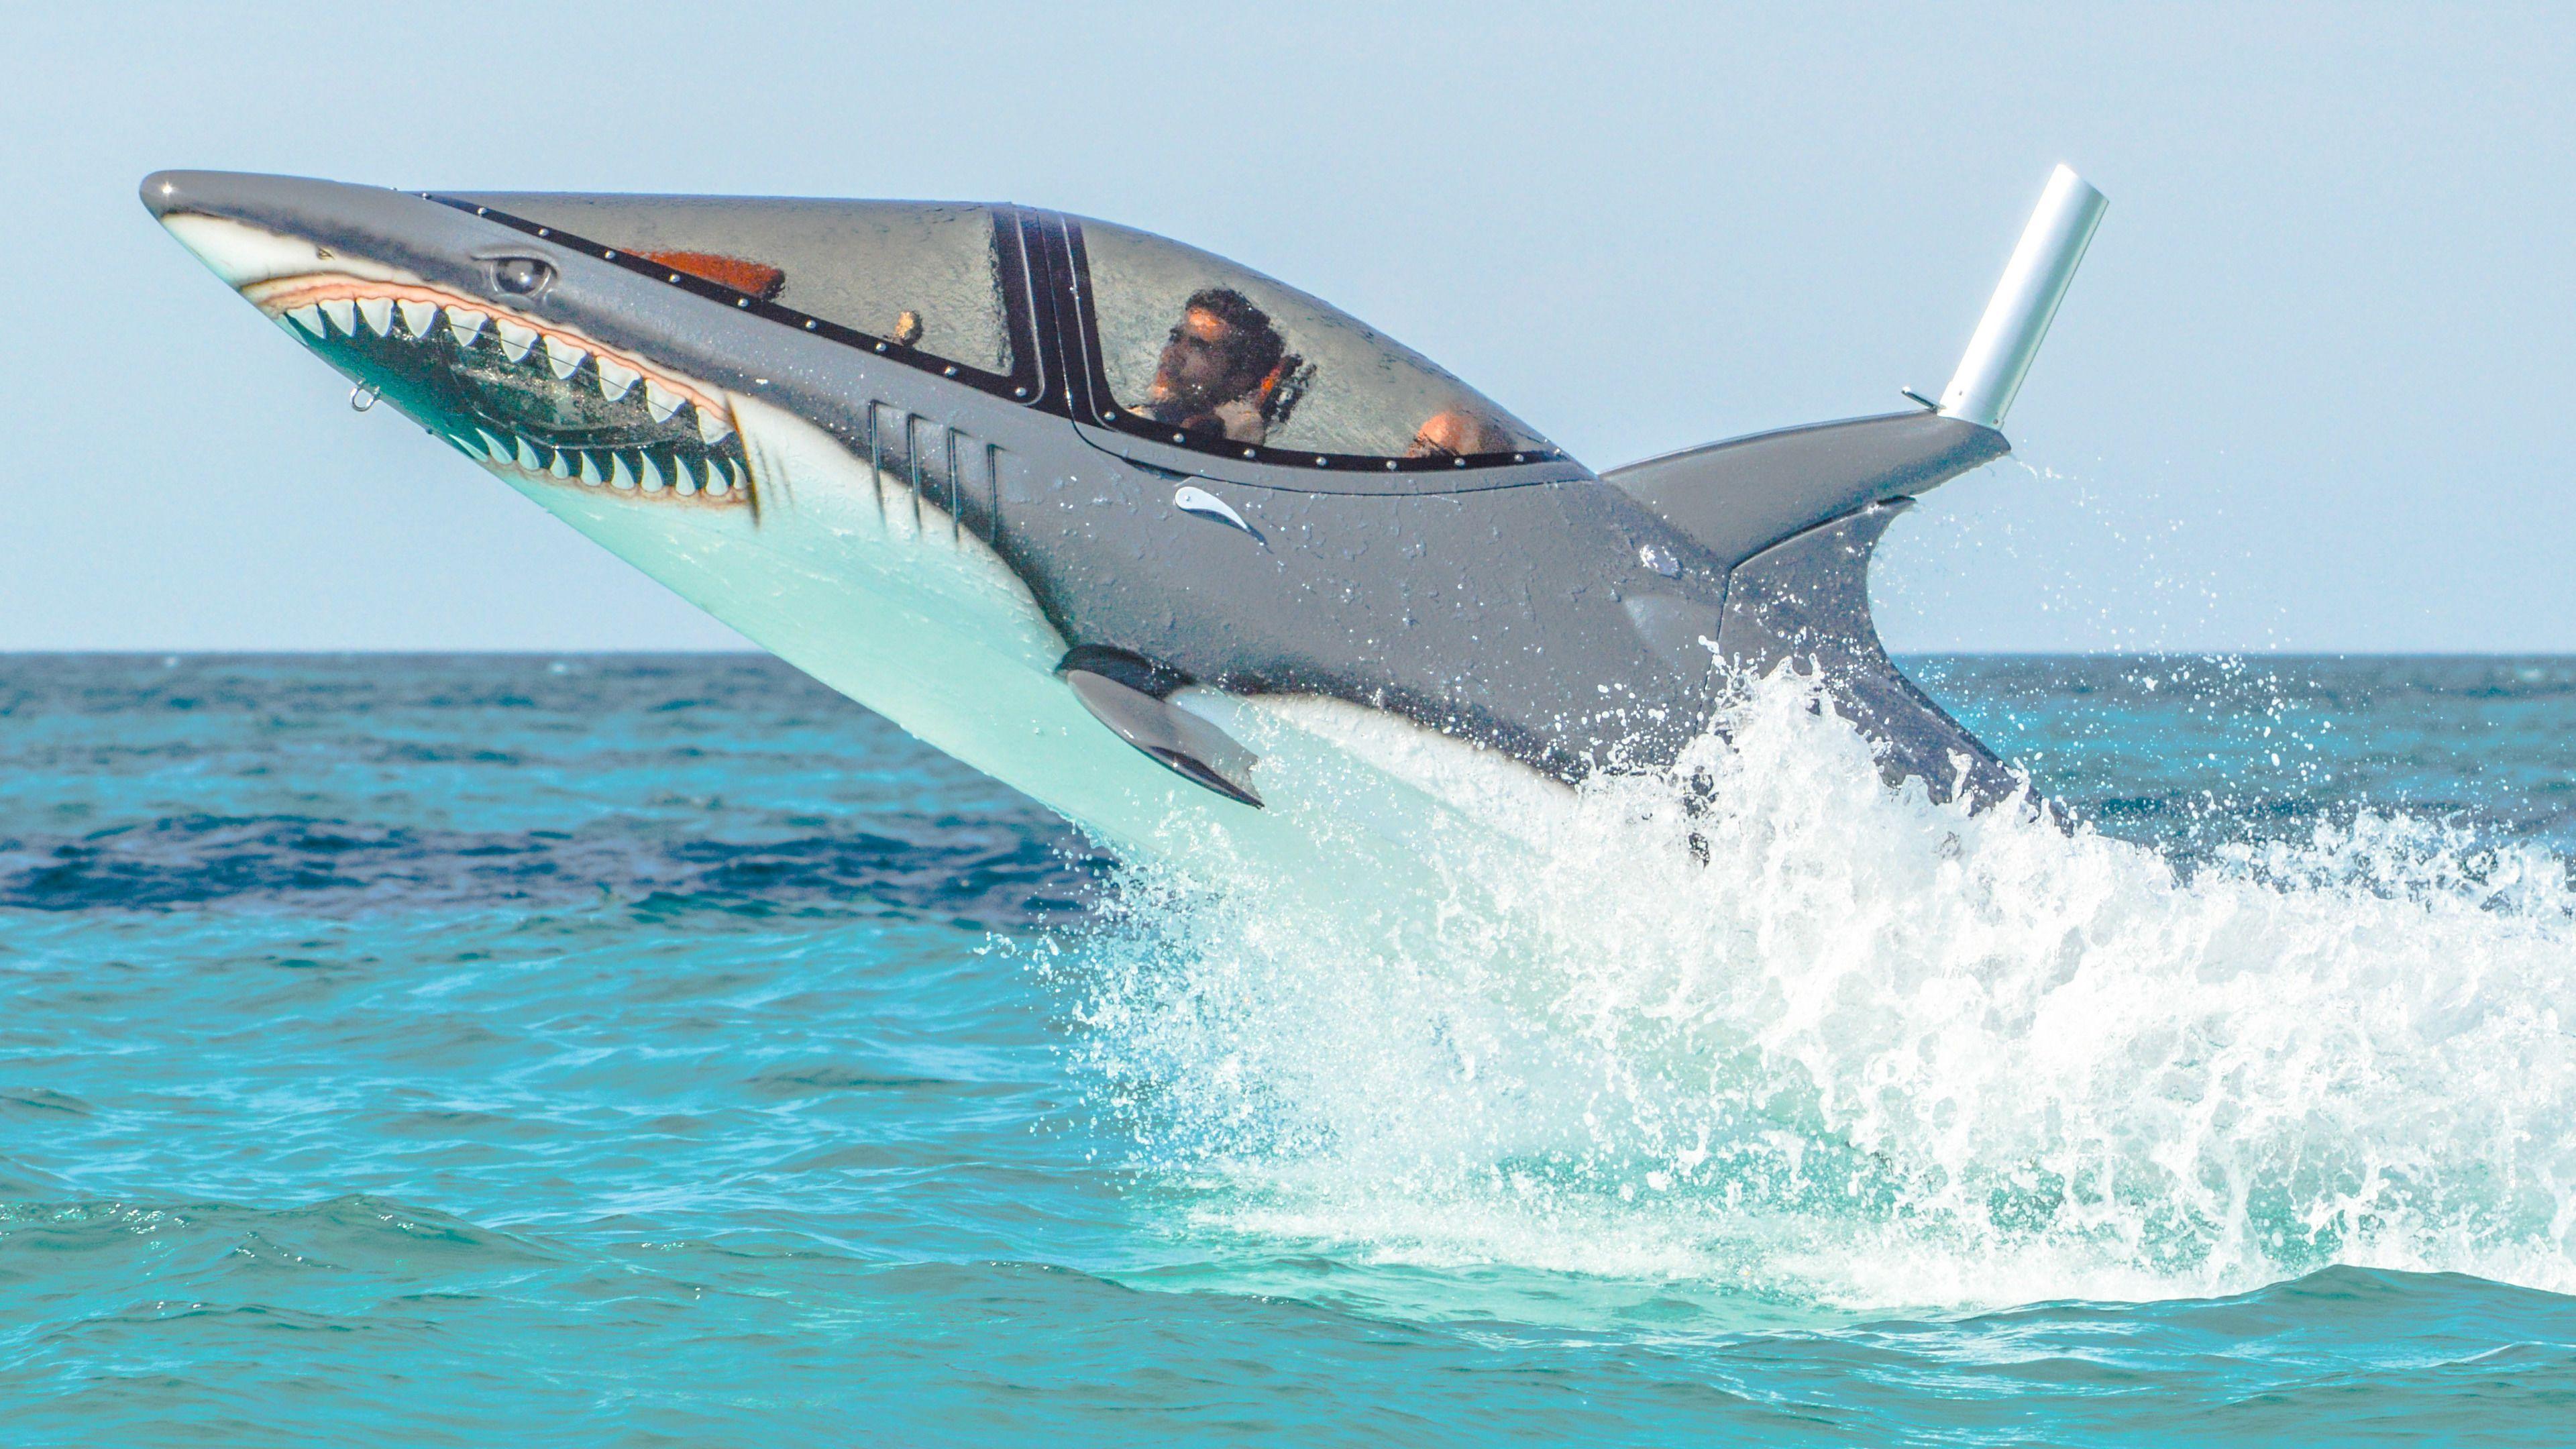 Seabreacher Experience in Cancun